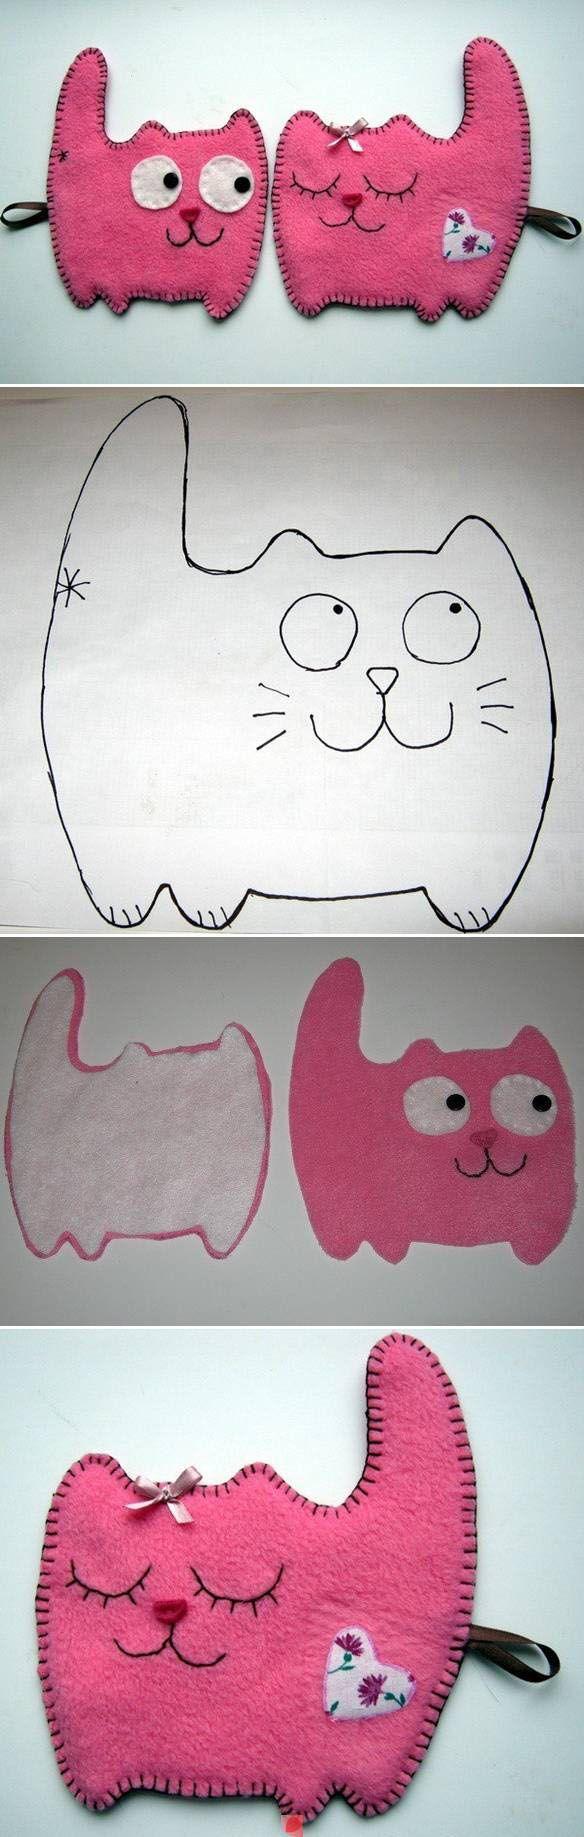 Cute cat!                                                                                                                                                                                 More